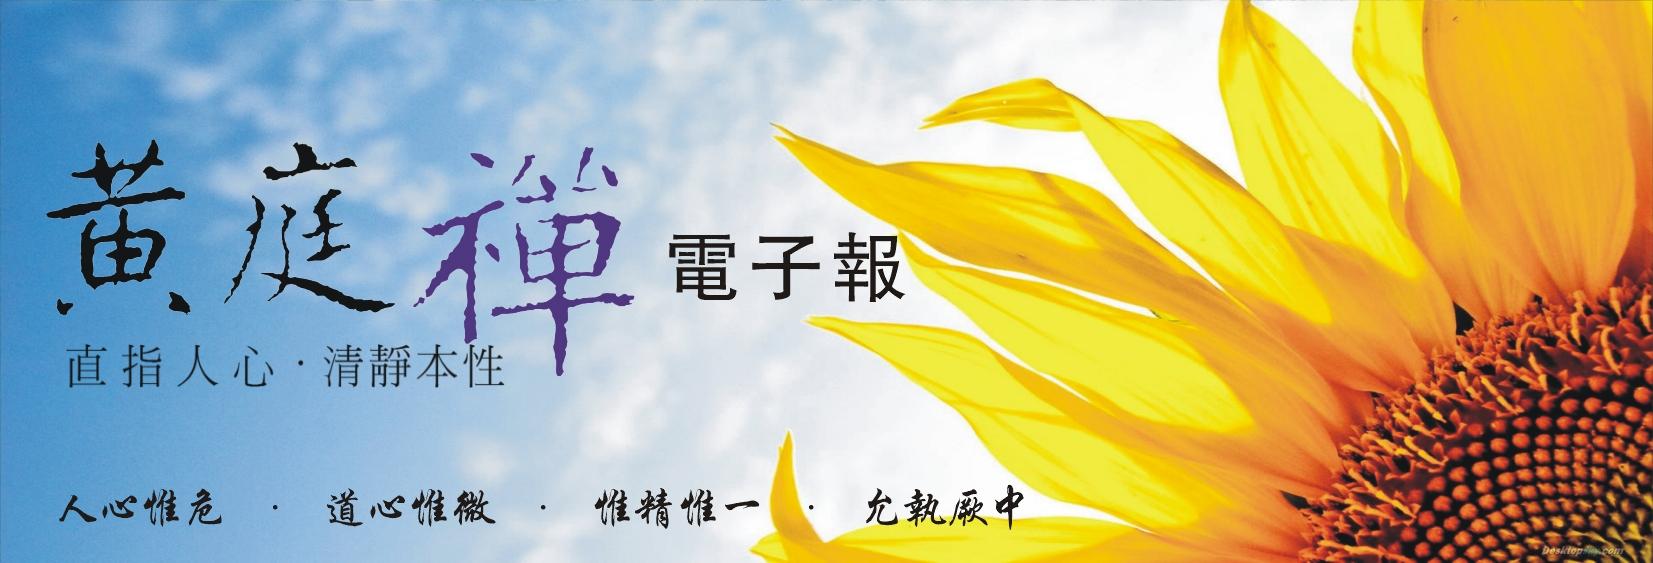 中華黃庭禪學會2020.08.11電子報